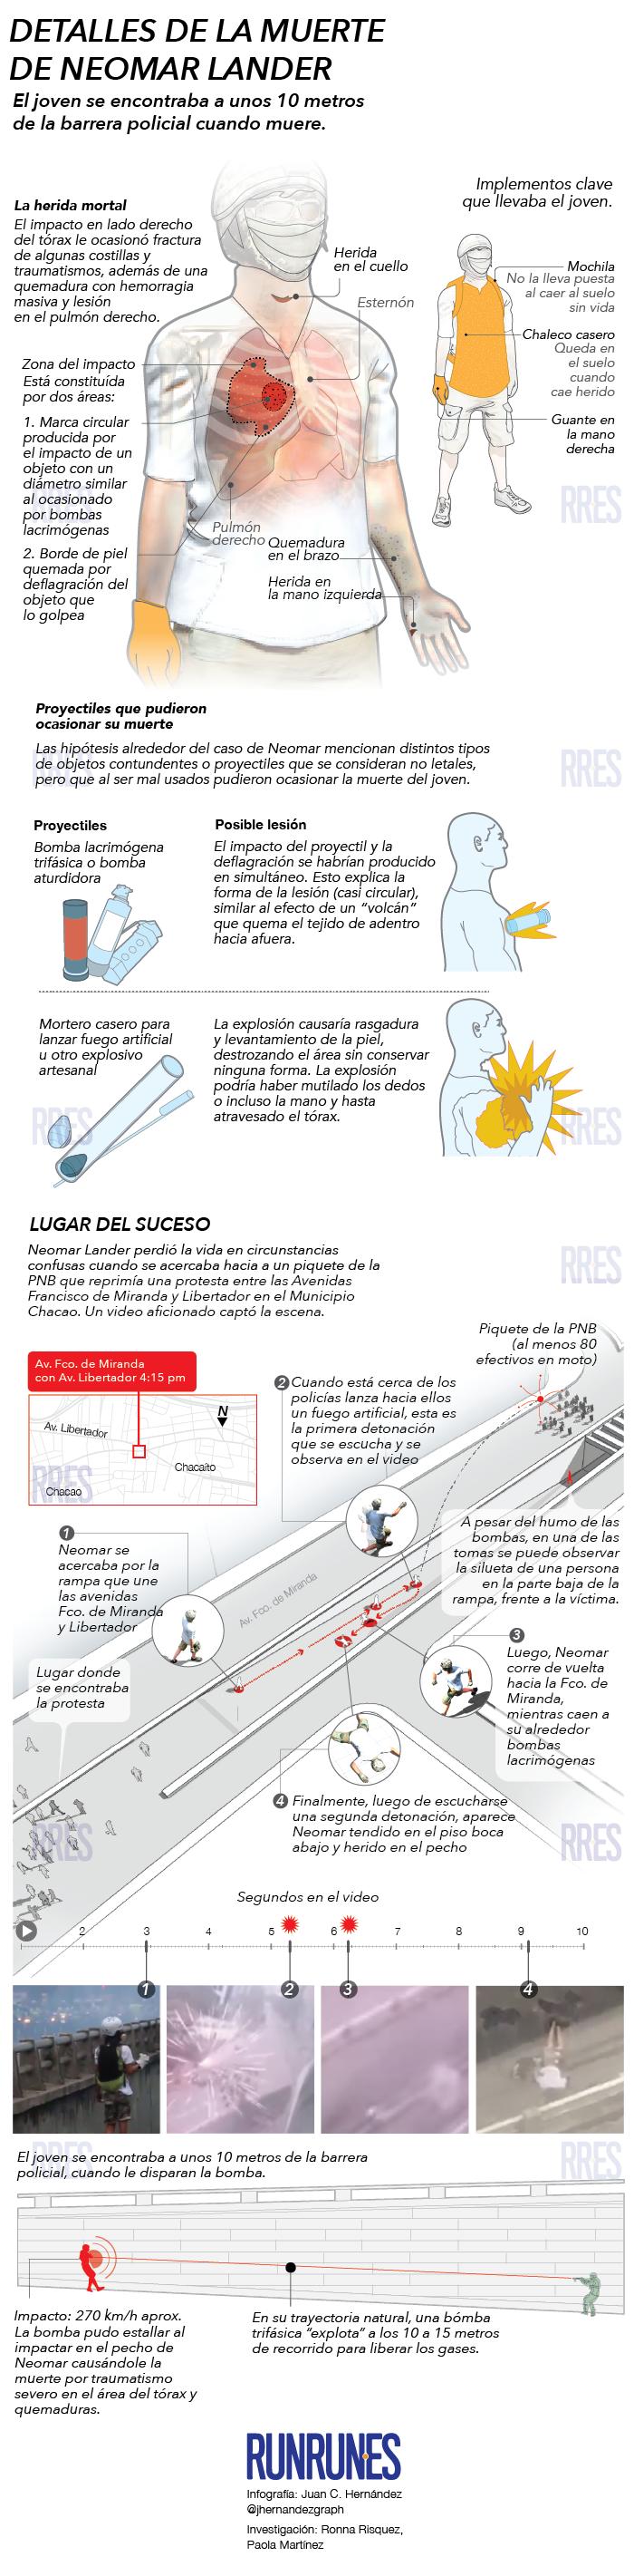 Infografía Muerte Neomar actual